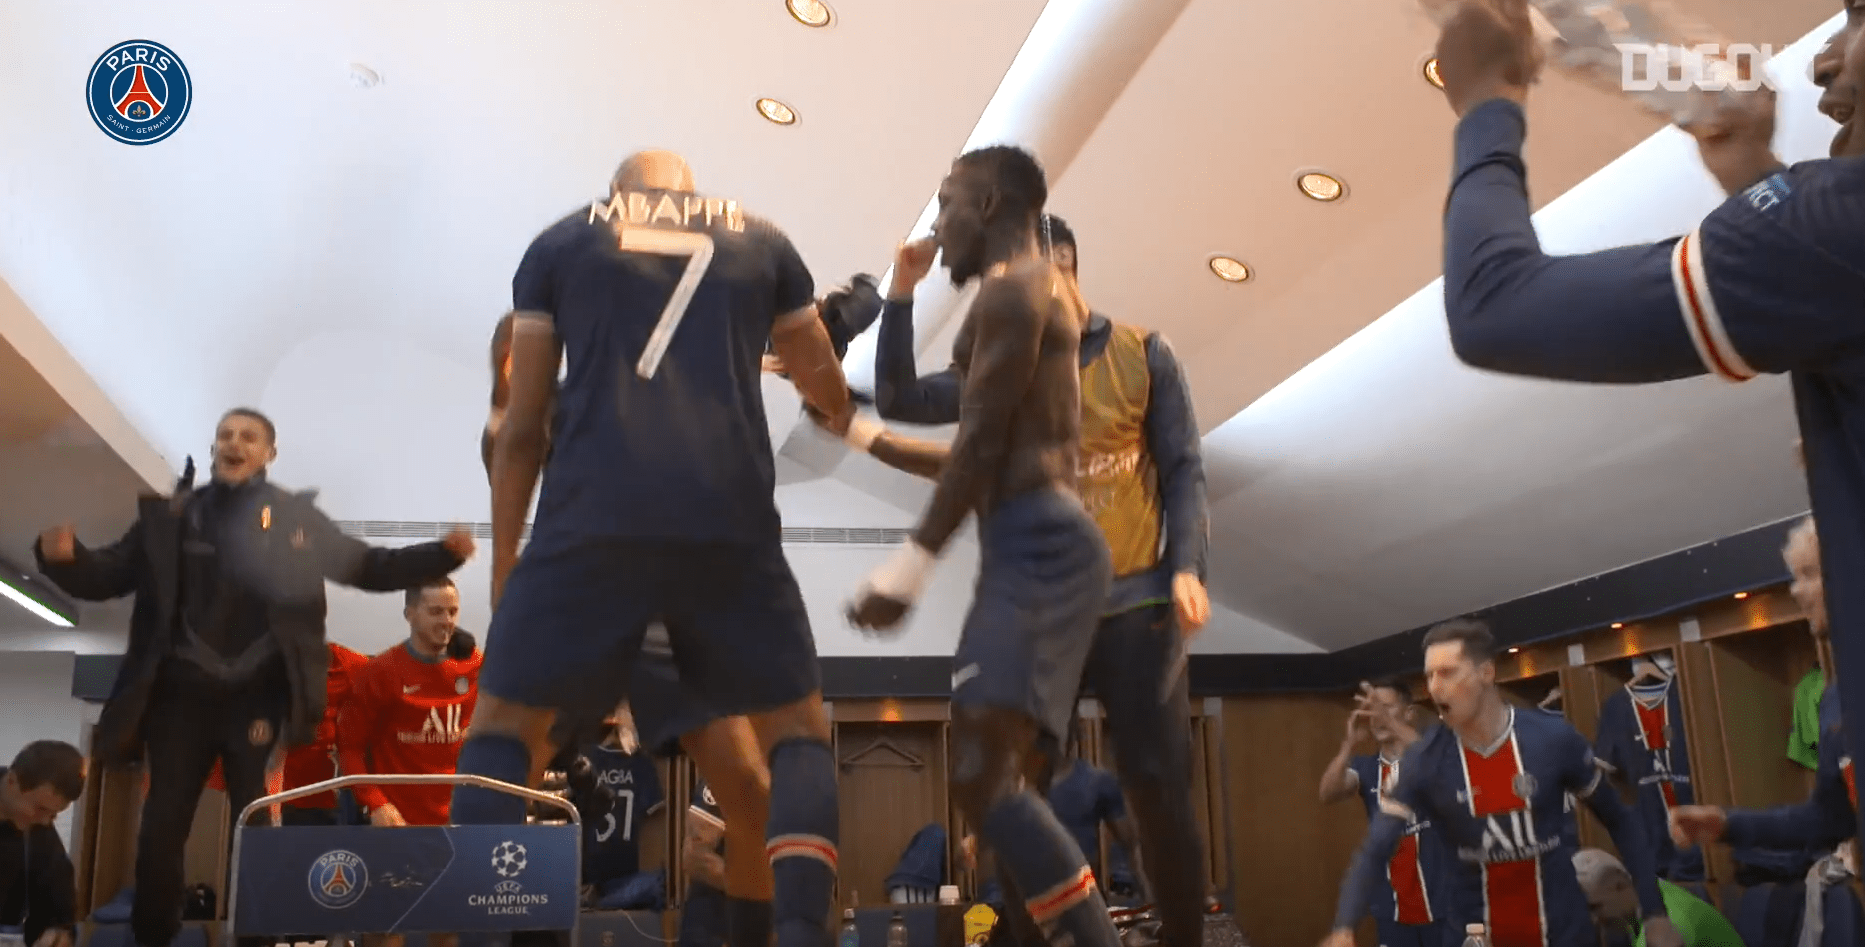 PSG/Bayern - Revivez la qualification et la célébration au plus près des joueurs parisiens